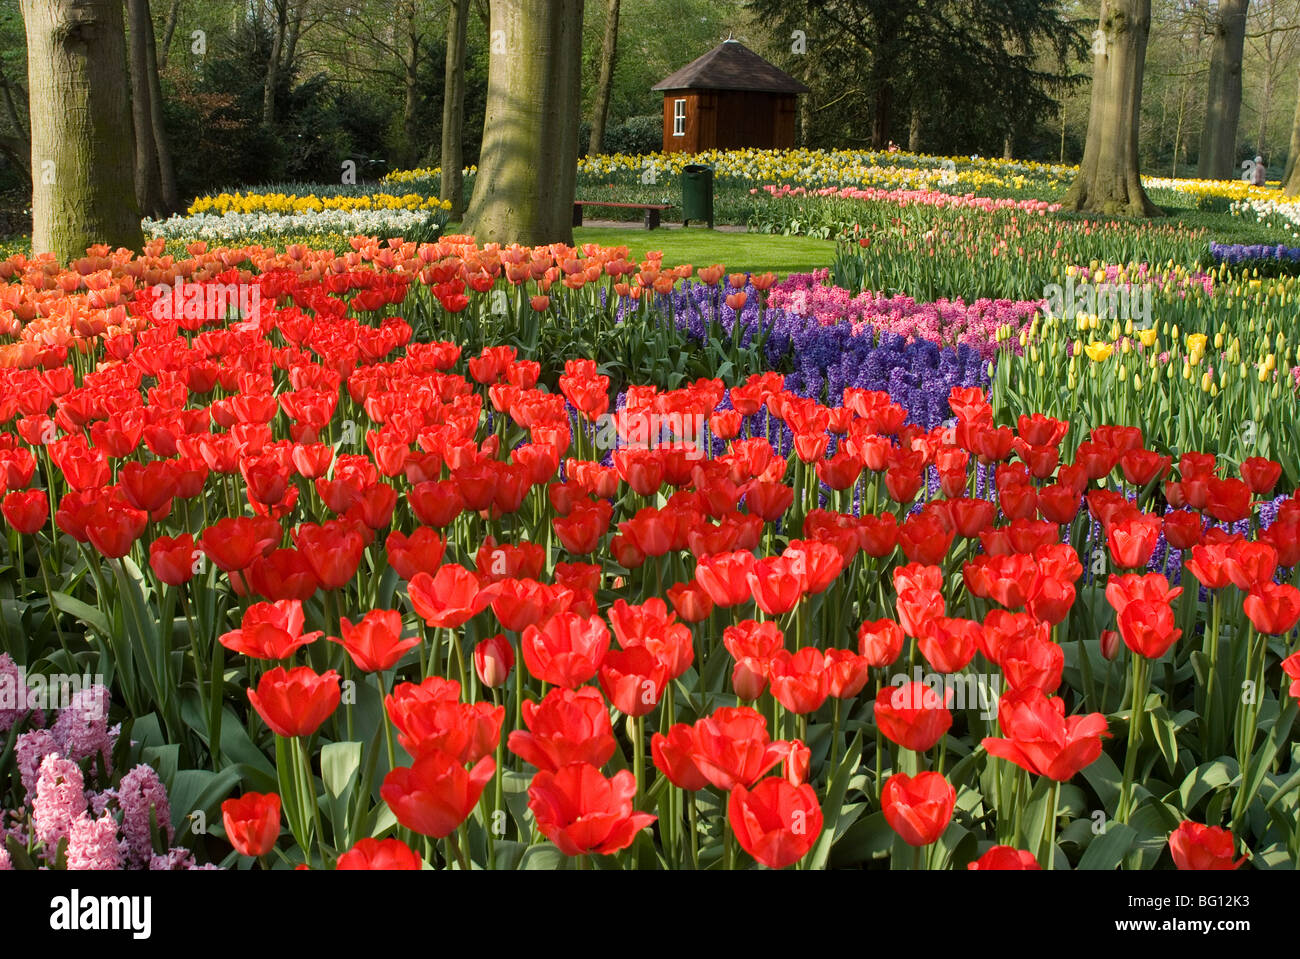 Flowers at Keukenhof Gardens, near Leiden, Netherlands, Europe - Stock Image